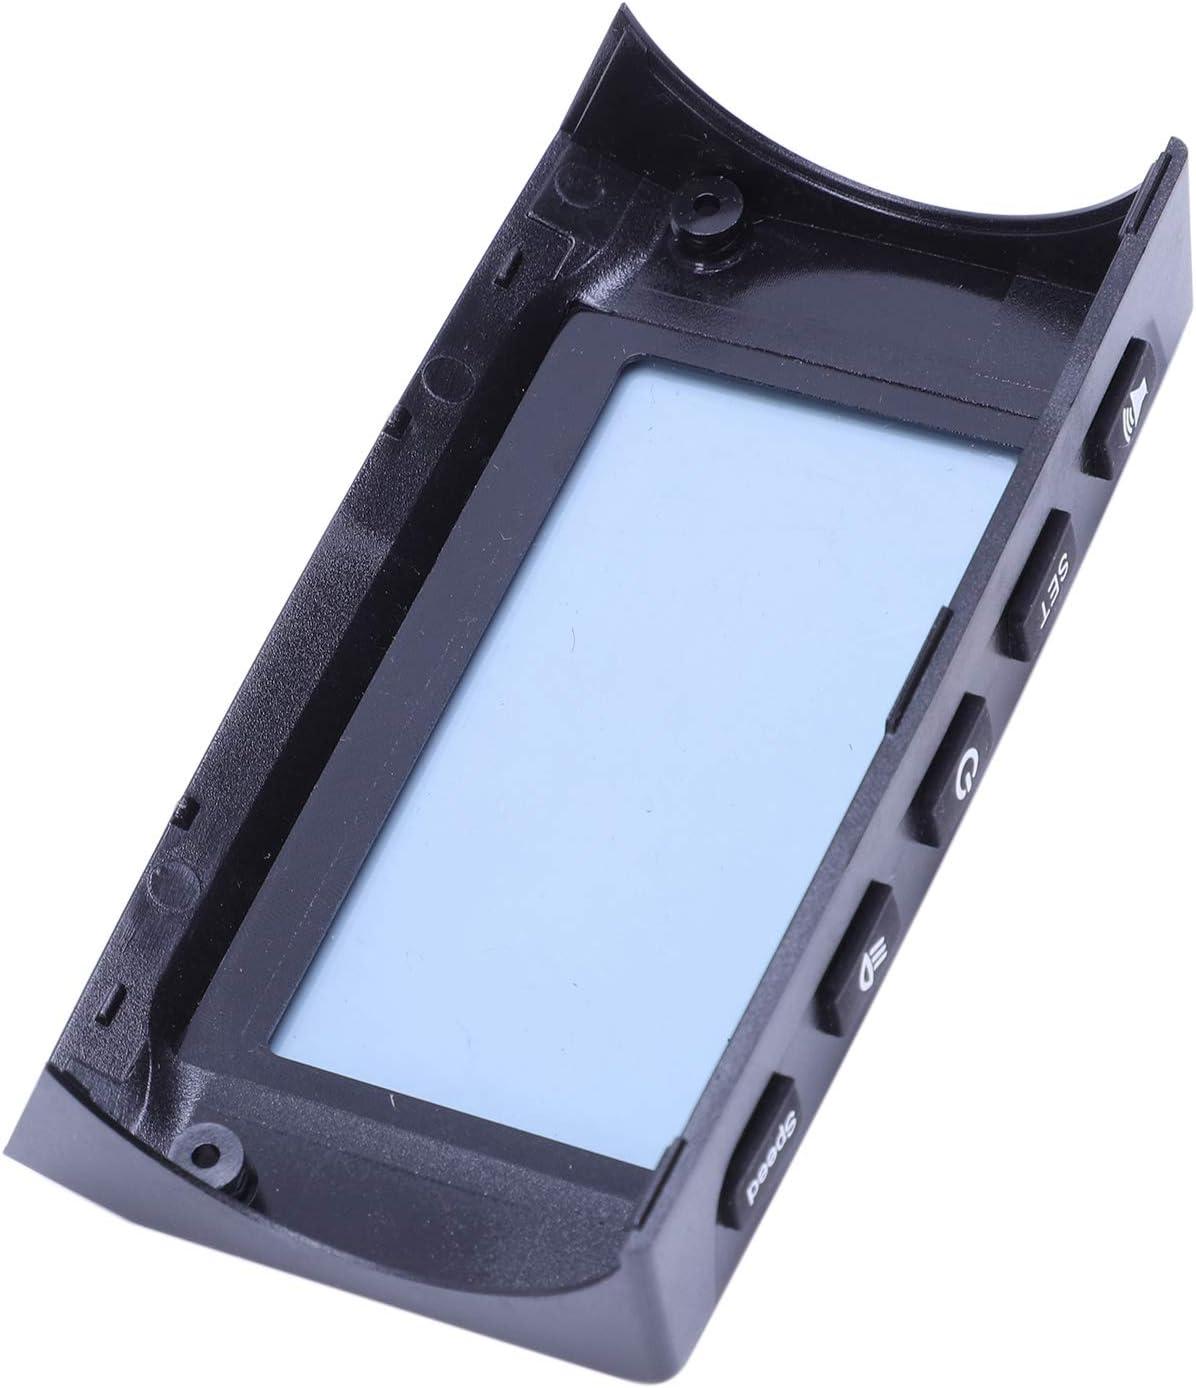 Summerwindy LCD Display Sch/ützen Shell Abdeckung mit Gas Pedal Brems Griff Led Licht Abdeckung f/ür Kugoo S1 S2 S3 Elektro Roller